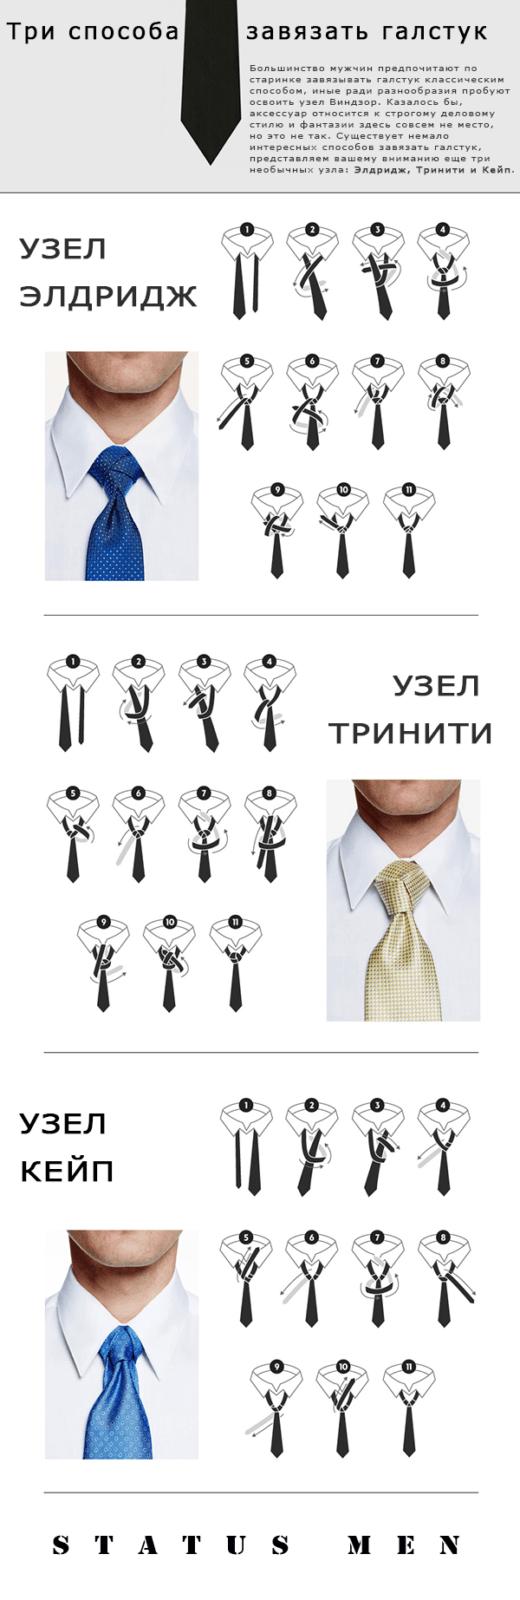 Элдридж, Тринити и Кейп - узлы для галстука